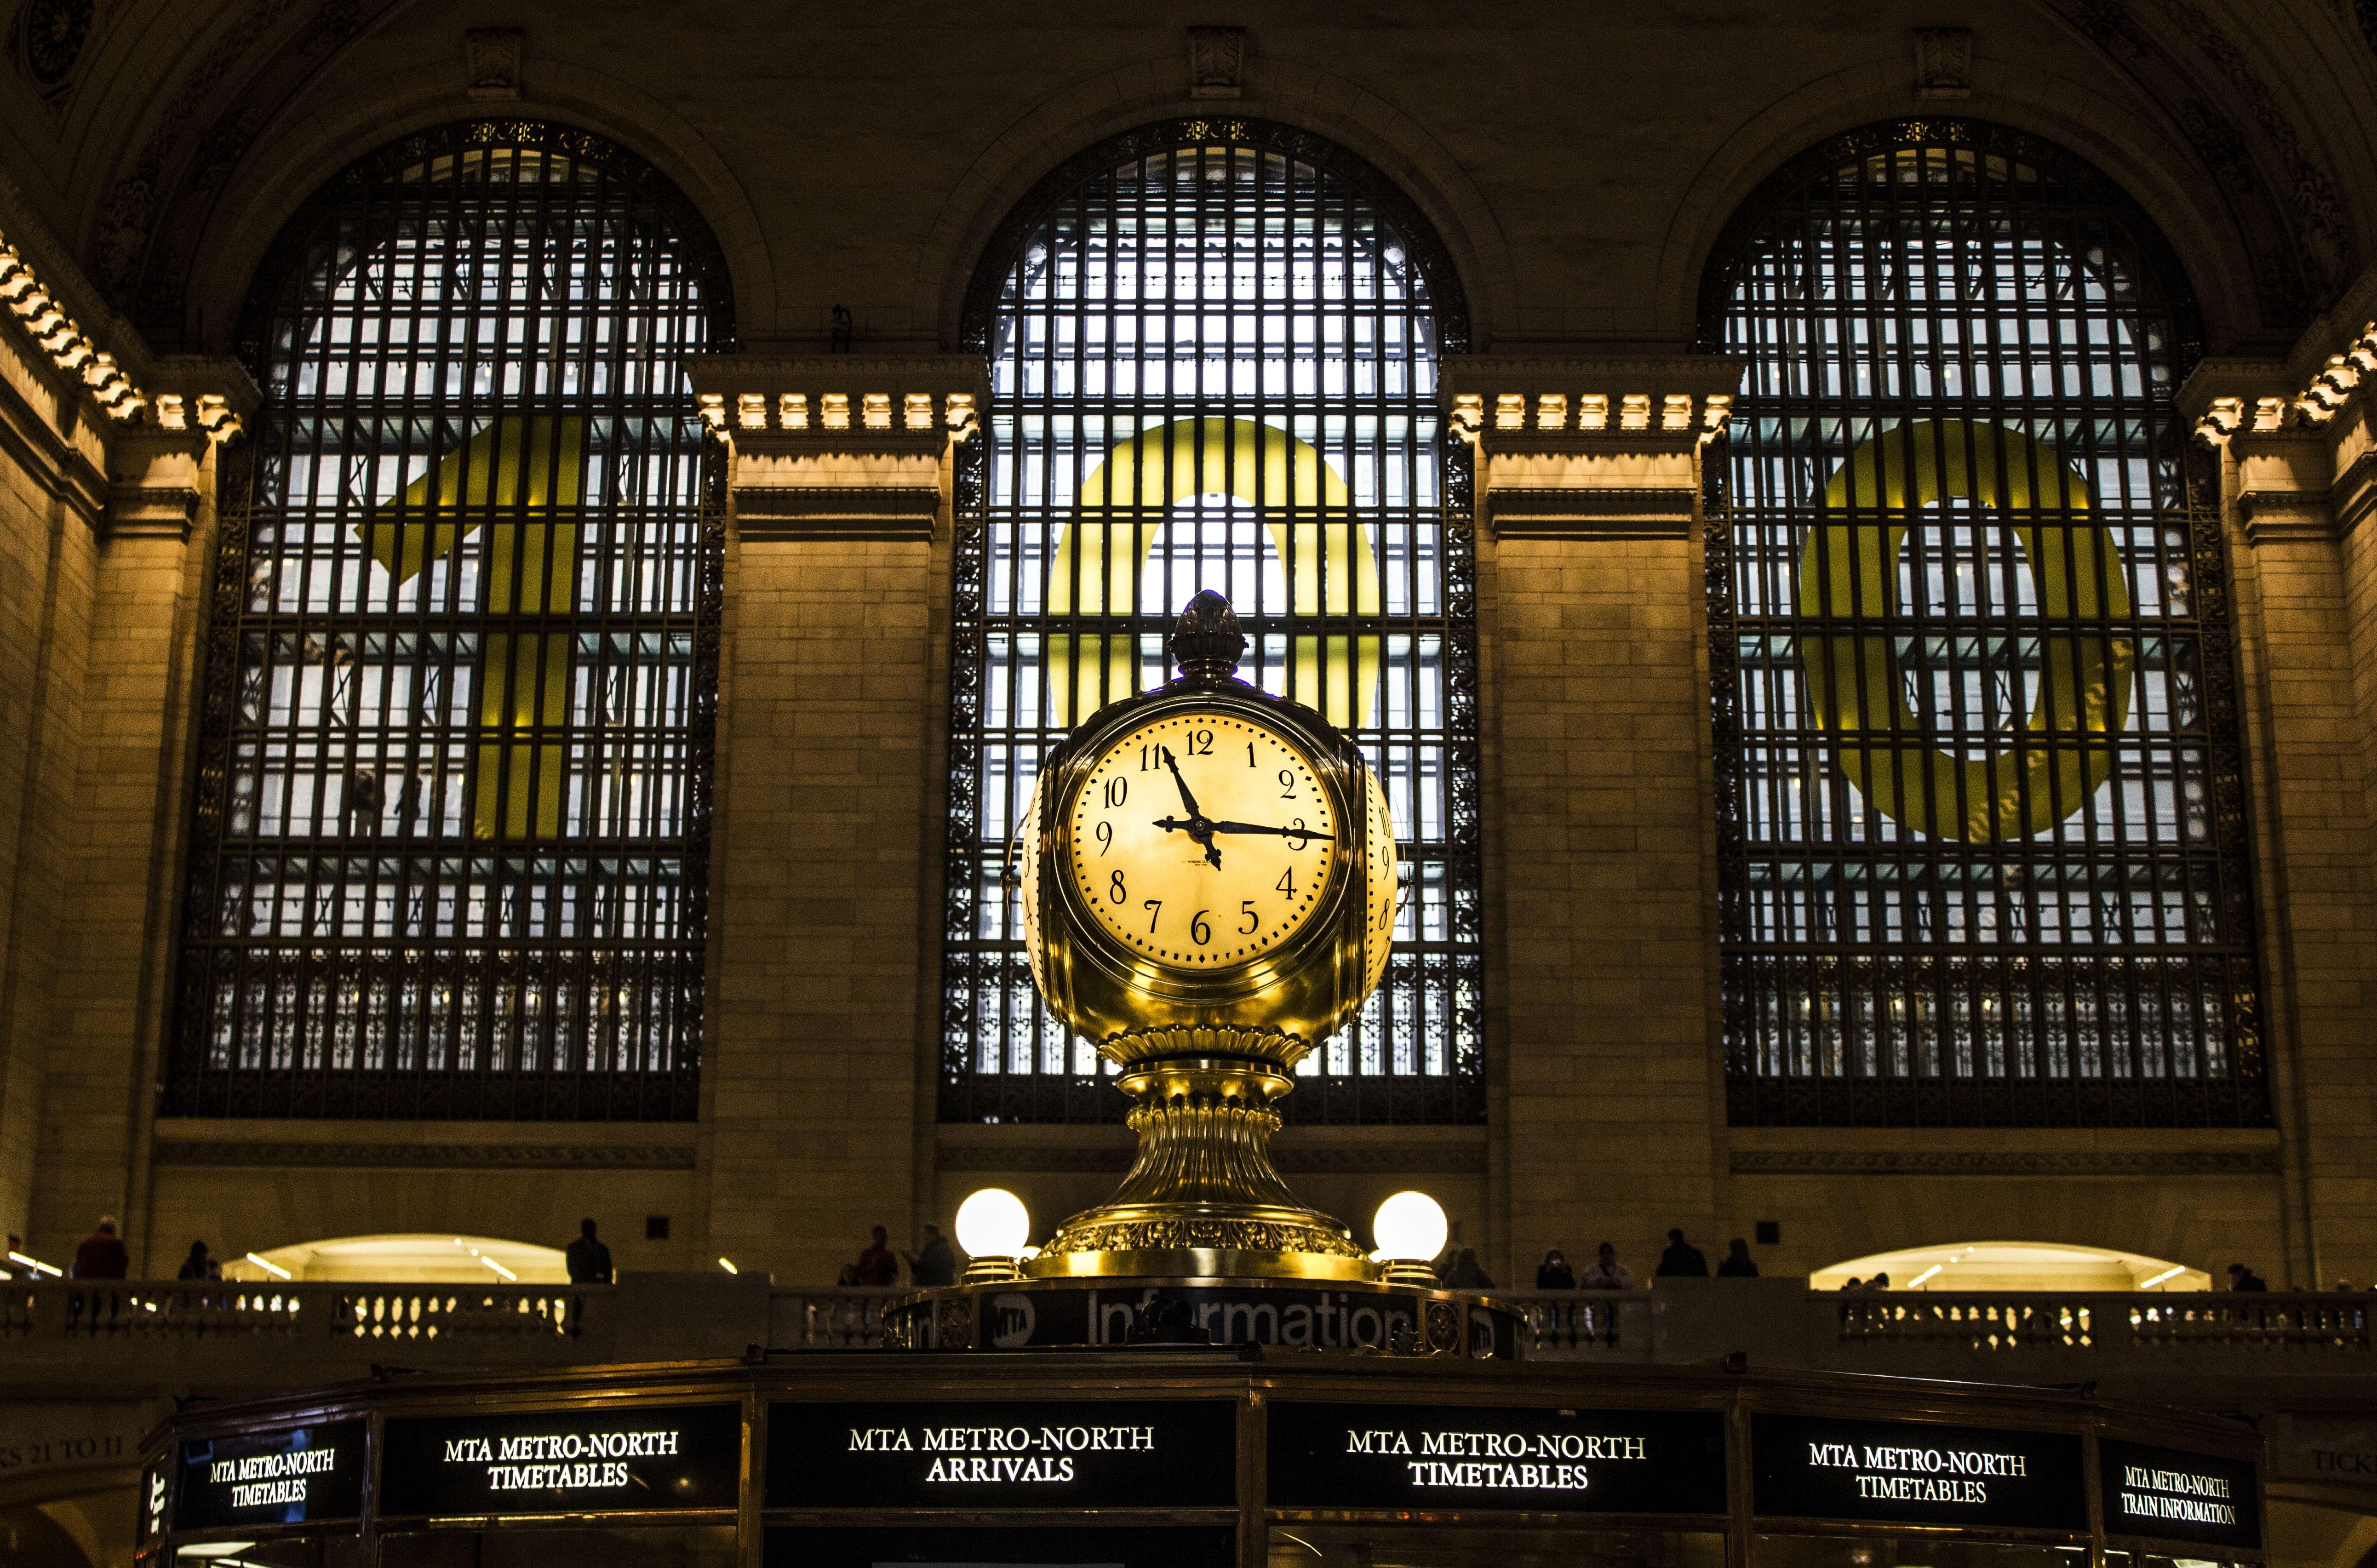 fotos gratis interior ventana vaso reloj hora edificio ciudad transporte nueva york sala estados unidos america estacin